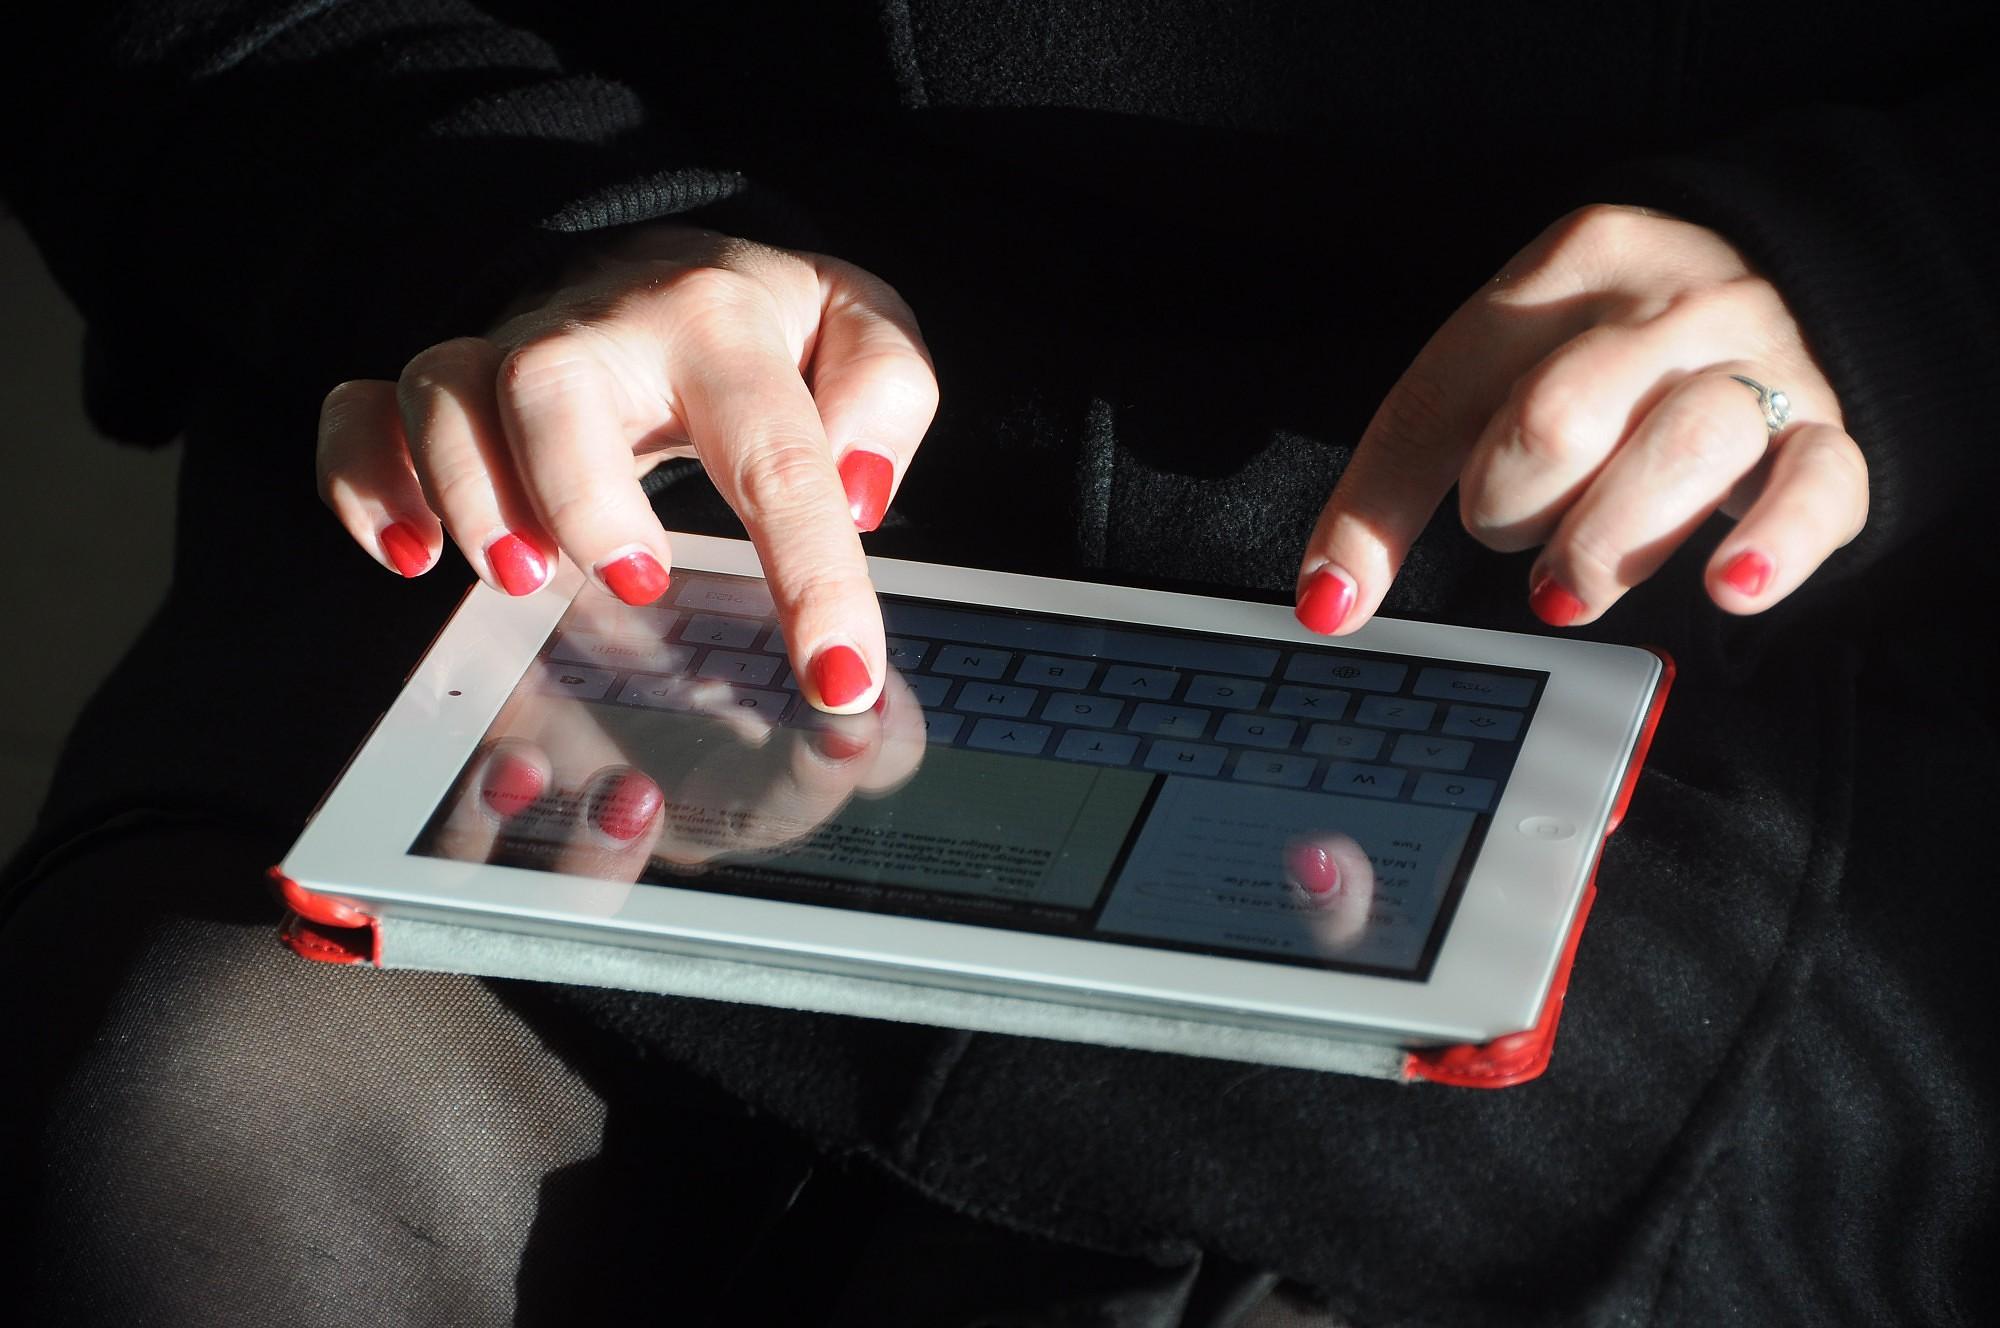 """""""Liepaja TechGirls"""" popularizēs darba iespējas tehnoloģiju nozarē sievietēm Kurzemē"""